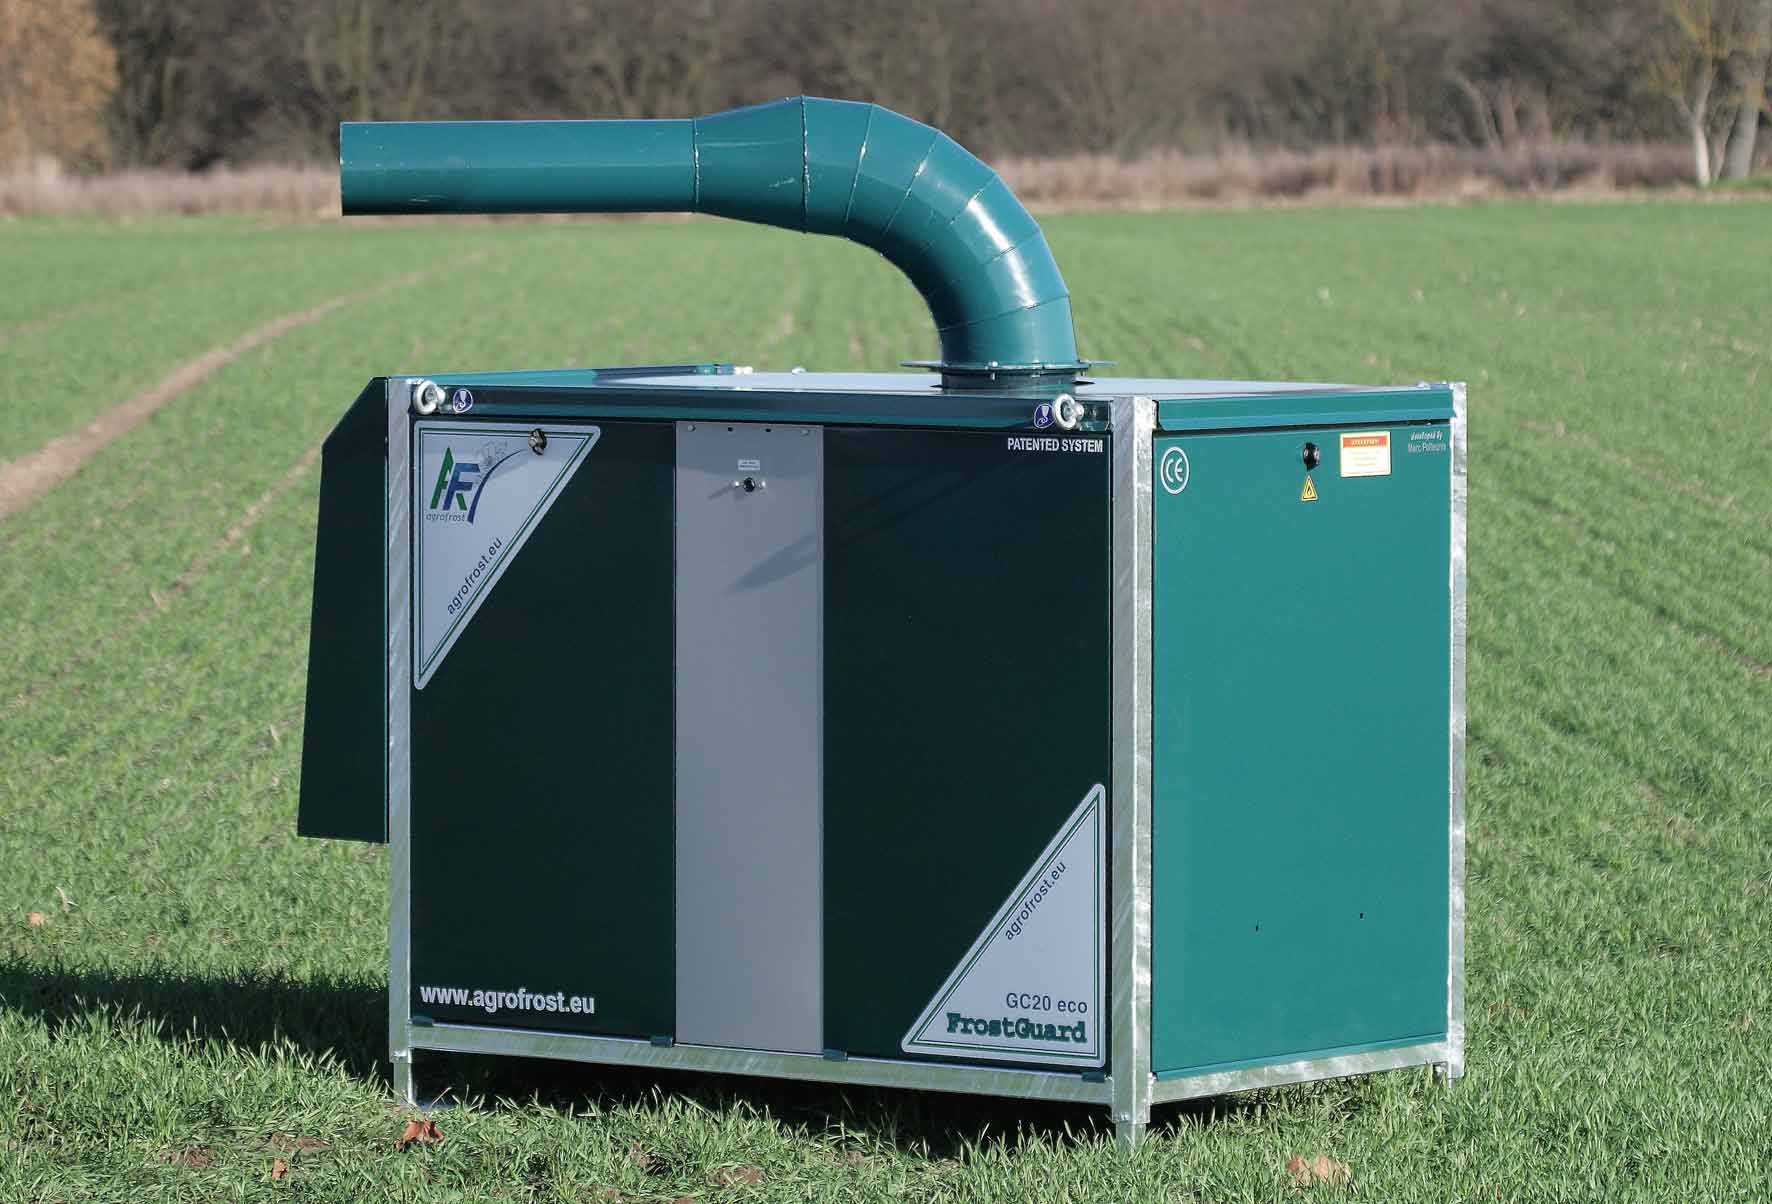 Agrofrost FrostGuard Frost Protection Machine, USA, Texas, New Mexico, Arizona, Mexico, Oklahoma